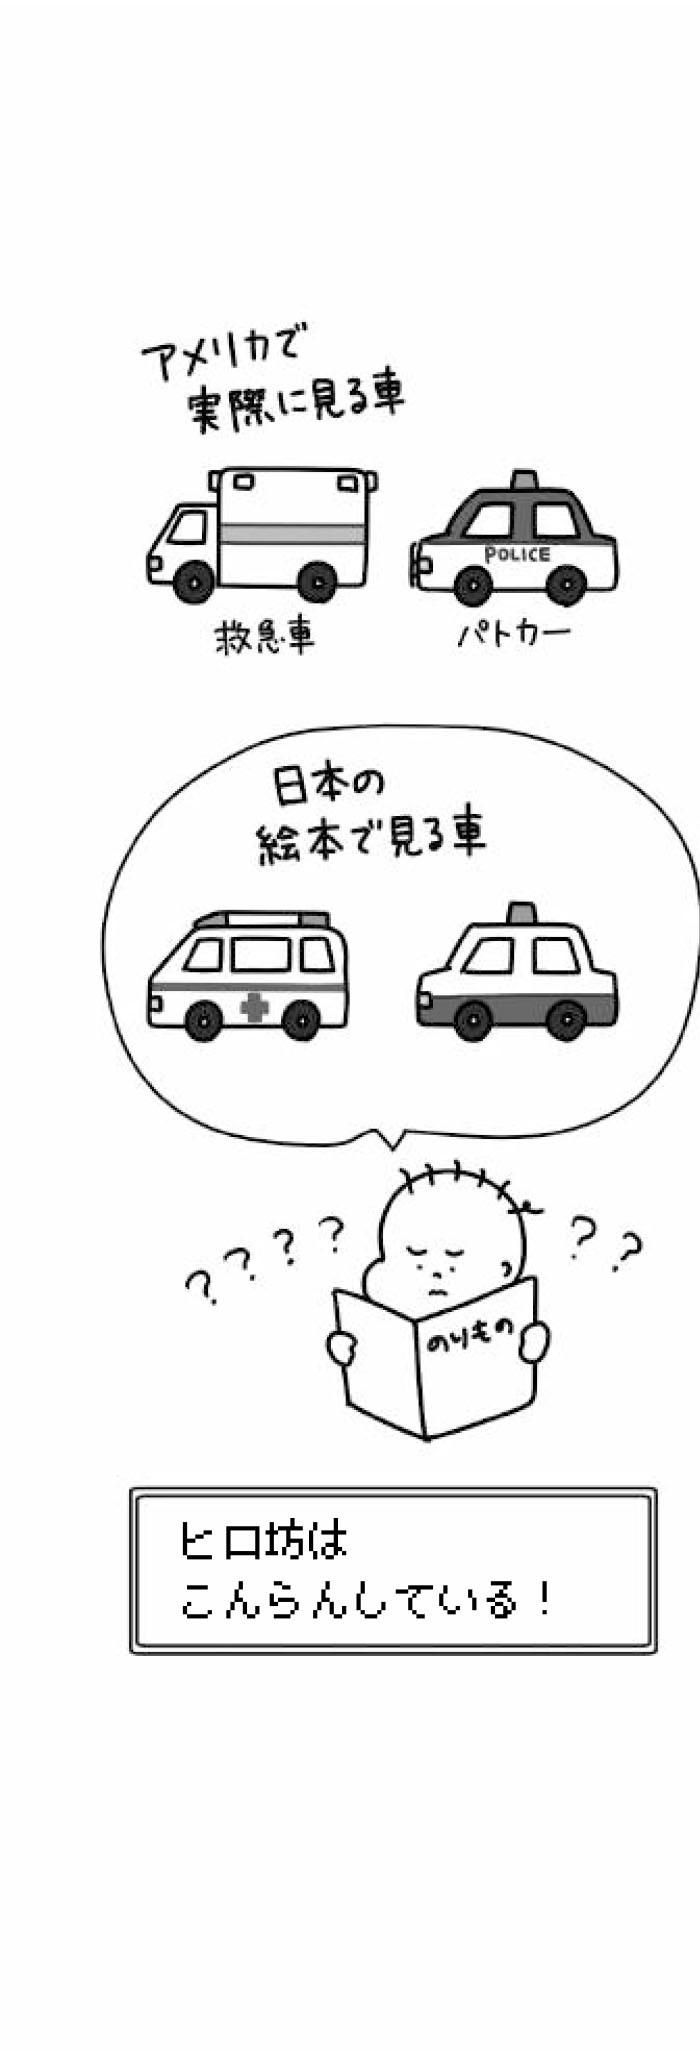 """推しへの愛がハンパない!!""""バス""""はやっぱ生に限るよね~の画像2"""